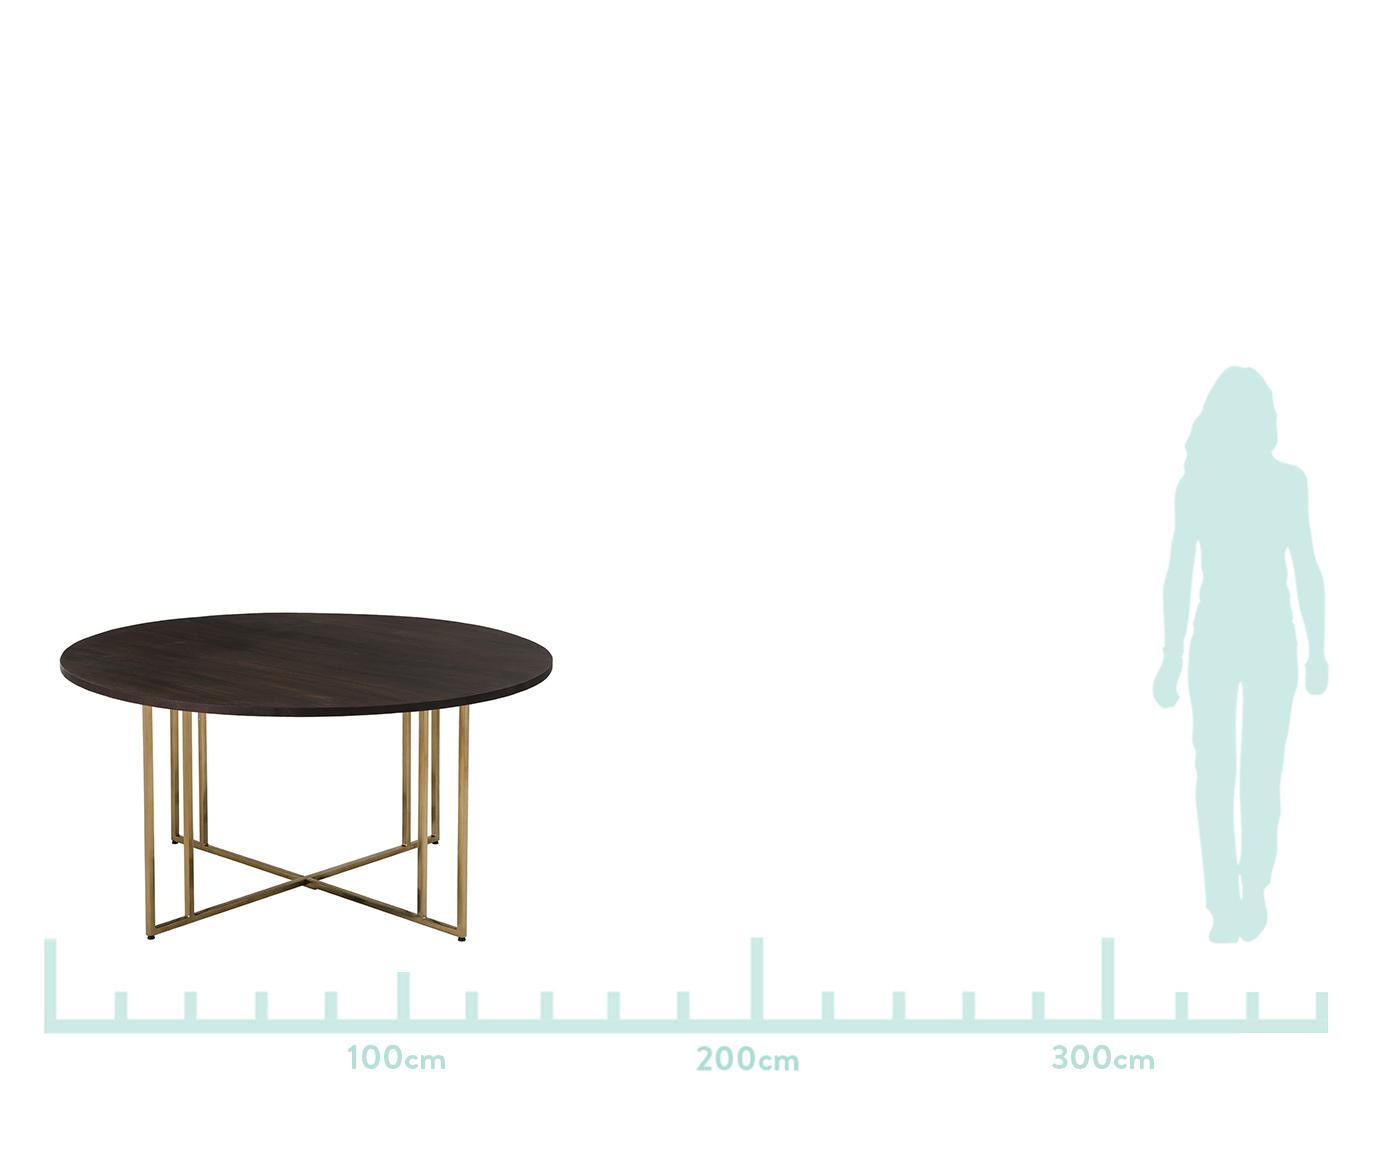 Runder Massivholz Esstisch Luca, Tischplatte: Massives Mangoholz, Gestell: Metall, beschichtet, Tischplatte: Mangoholz, dunkel lackiertGestell: Goldfarben, Ø 140 x H 75 cm